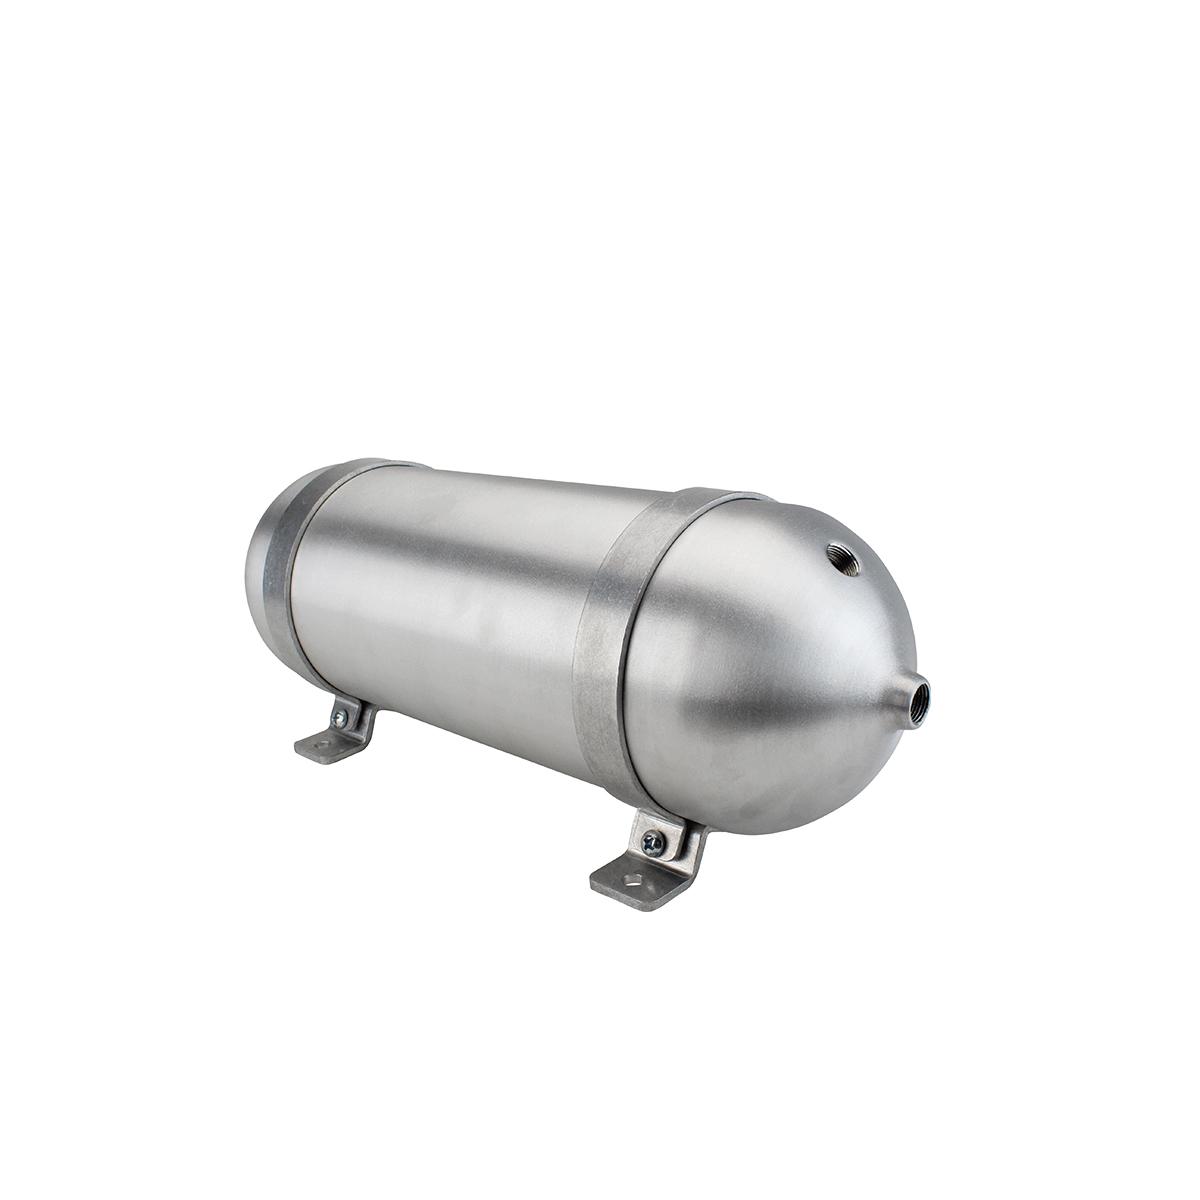 """SA518038-01 Seamless Tanks Aluminum Air Tank 18"""" Length 5.562"""" Diameter, (4) 3/8"""" Ports (1) 1/4"""" Port, 200psi Rated, Actual Volume 1.47 Gallons"""